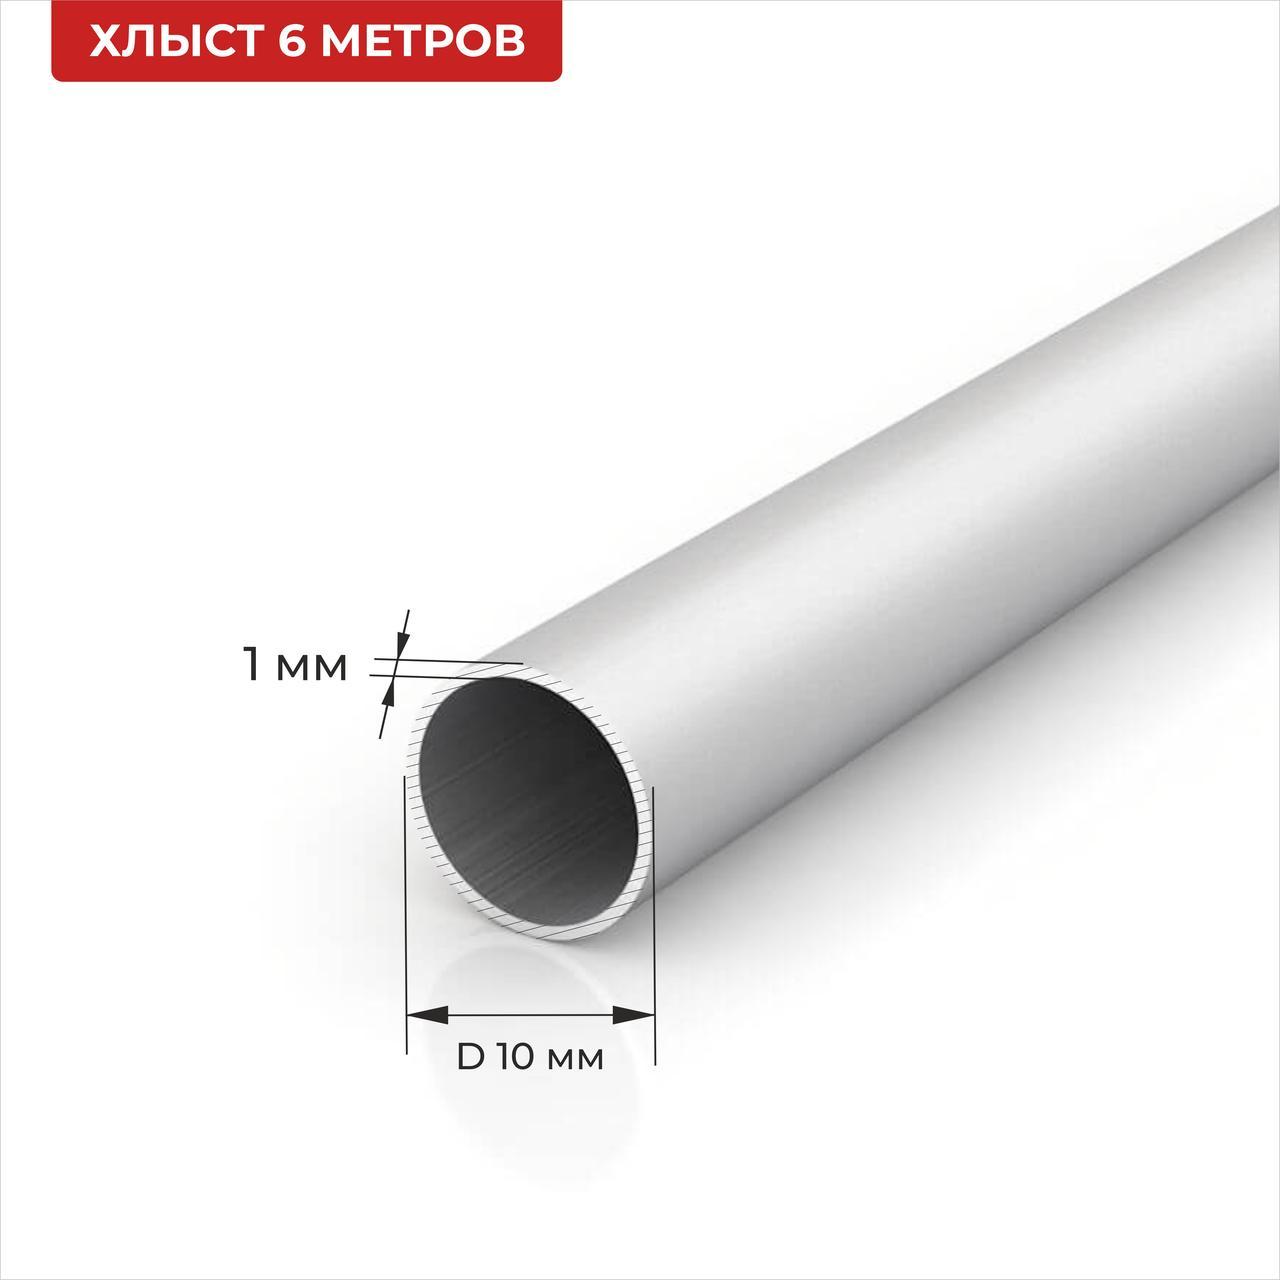 Труба алюминиевая круглая 10*1 6м